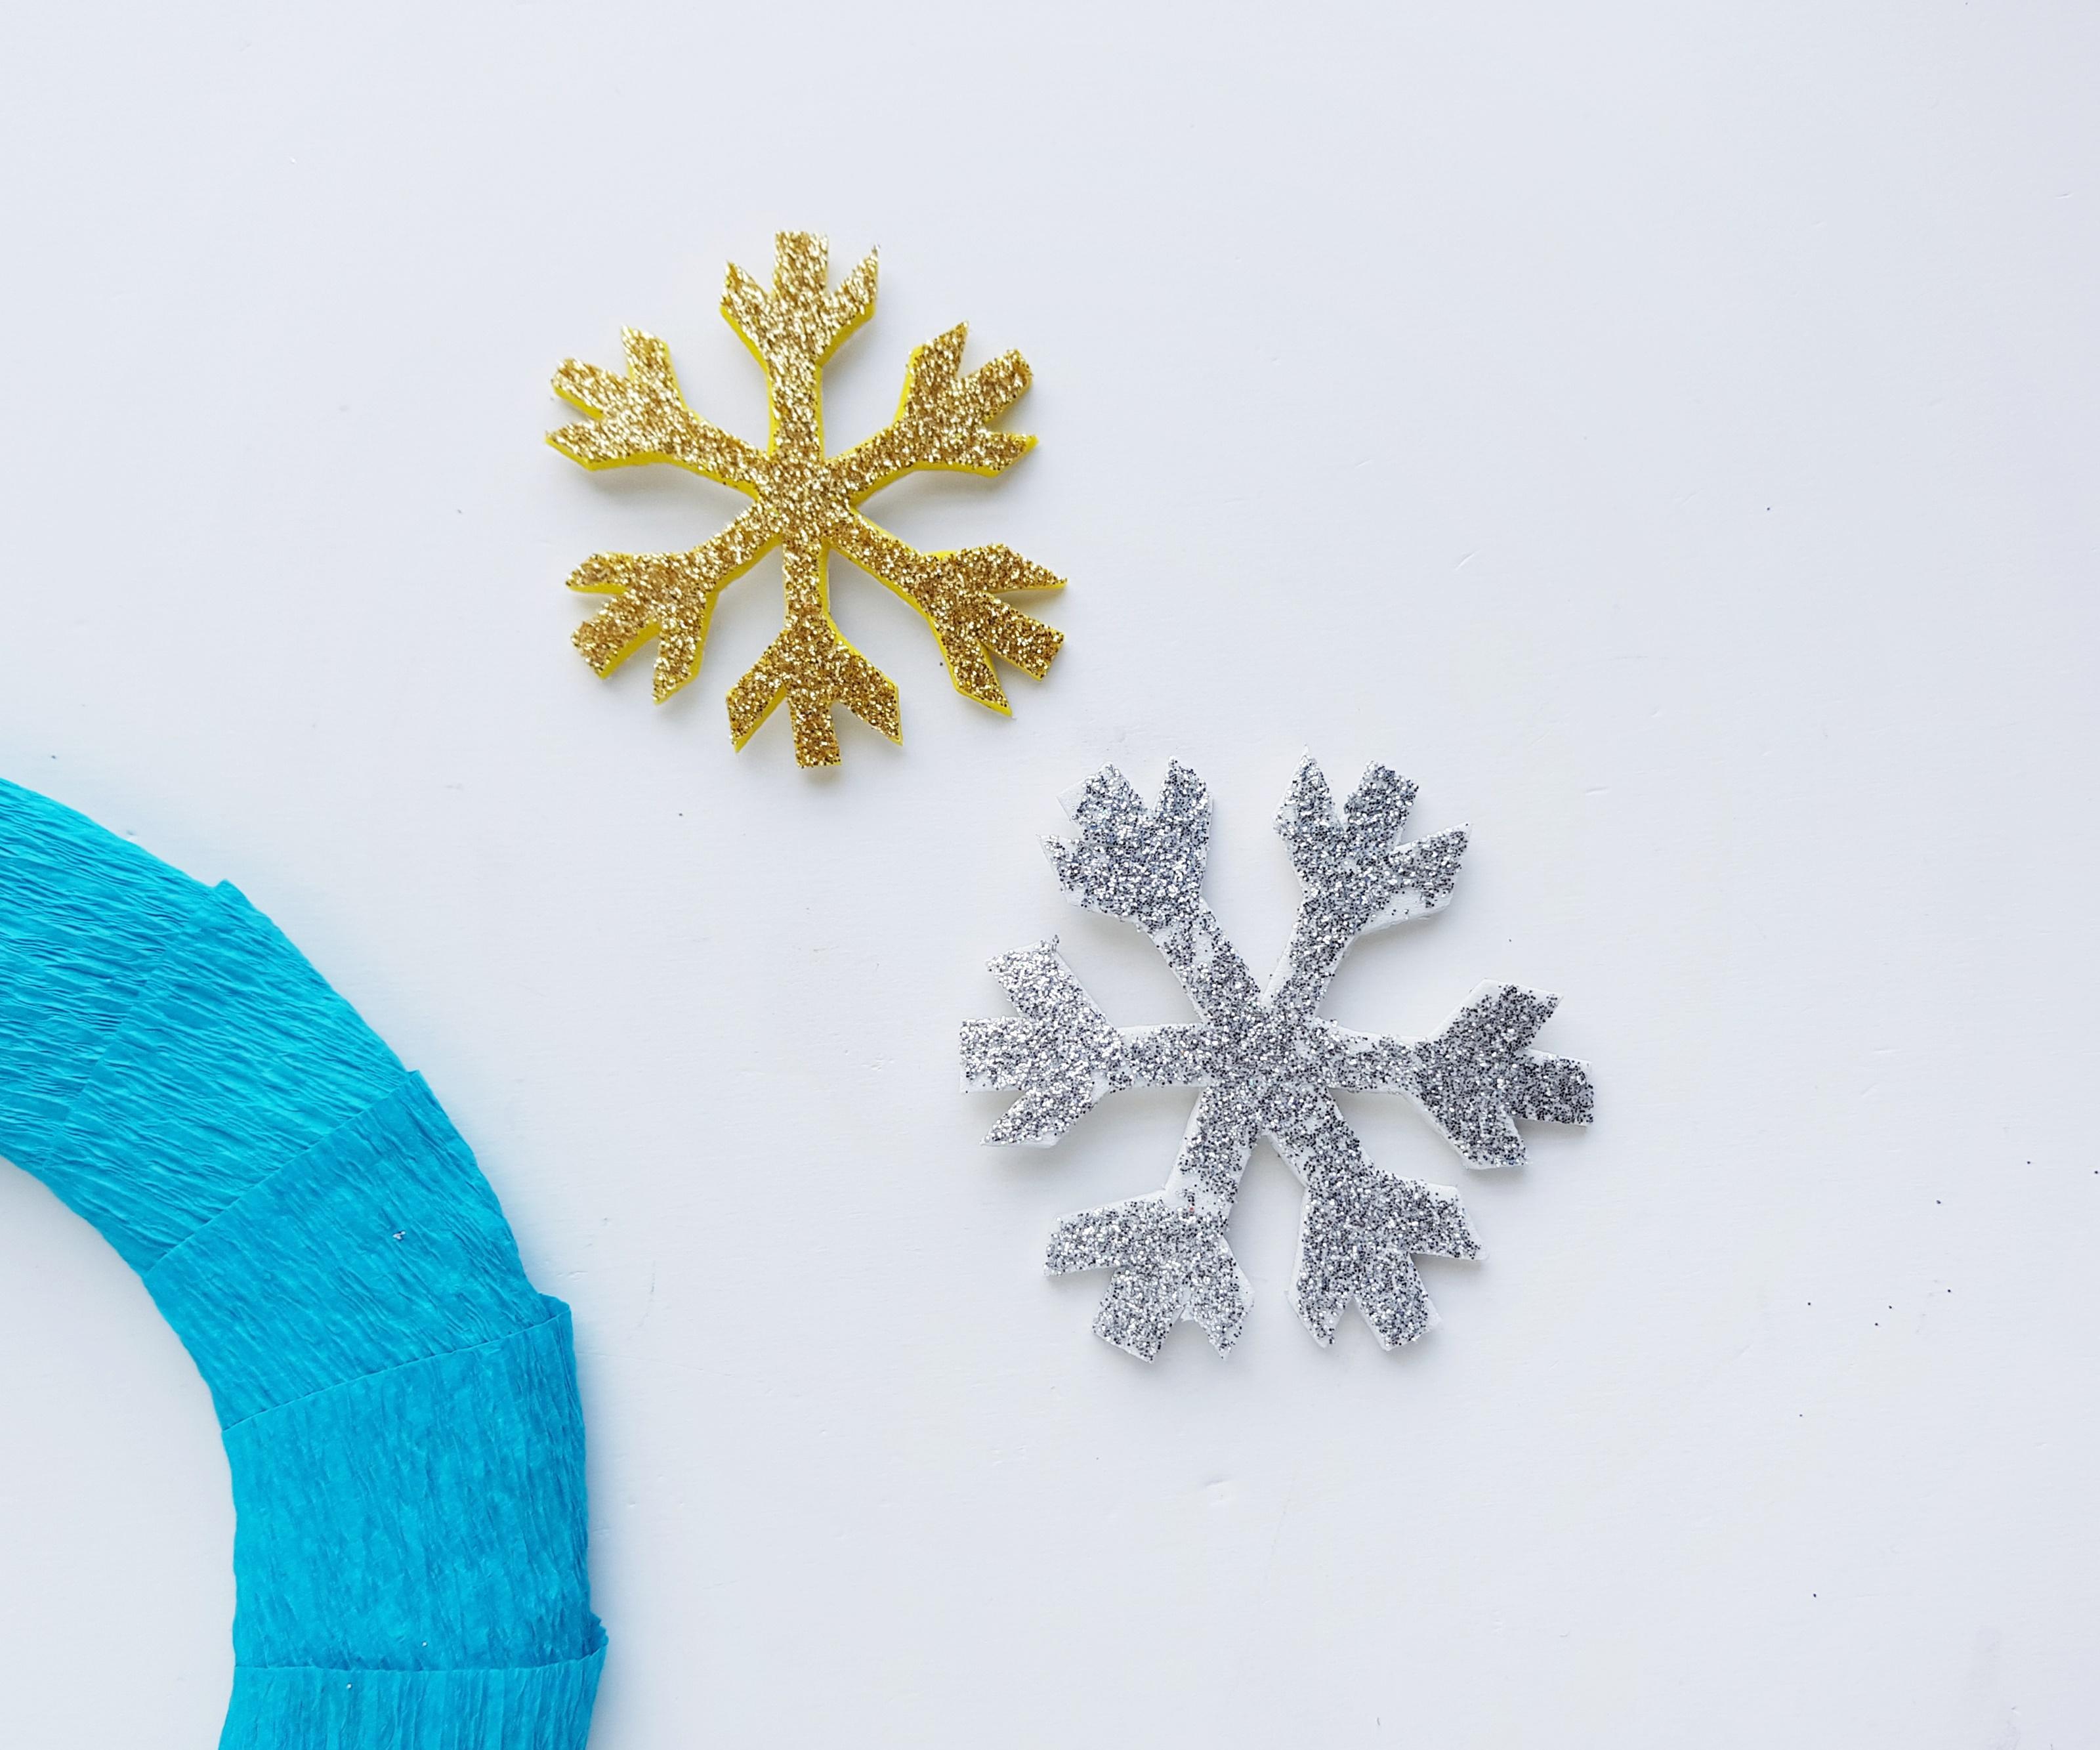 frozen snowflakes on wreath